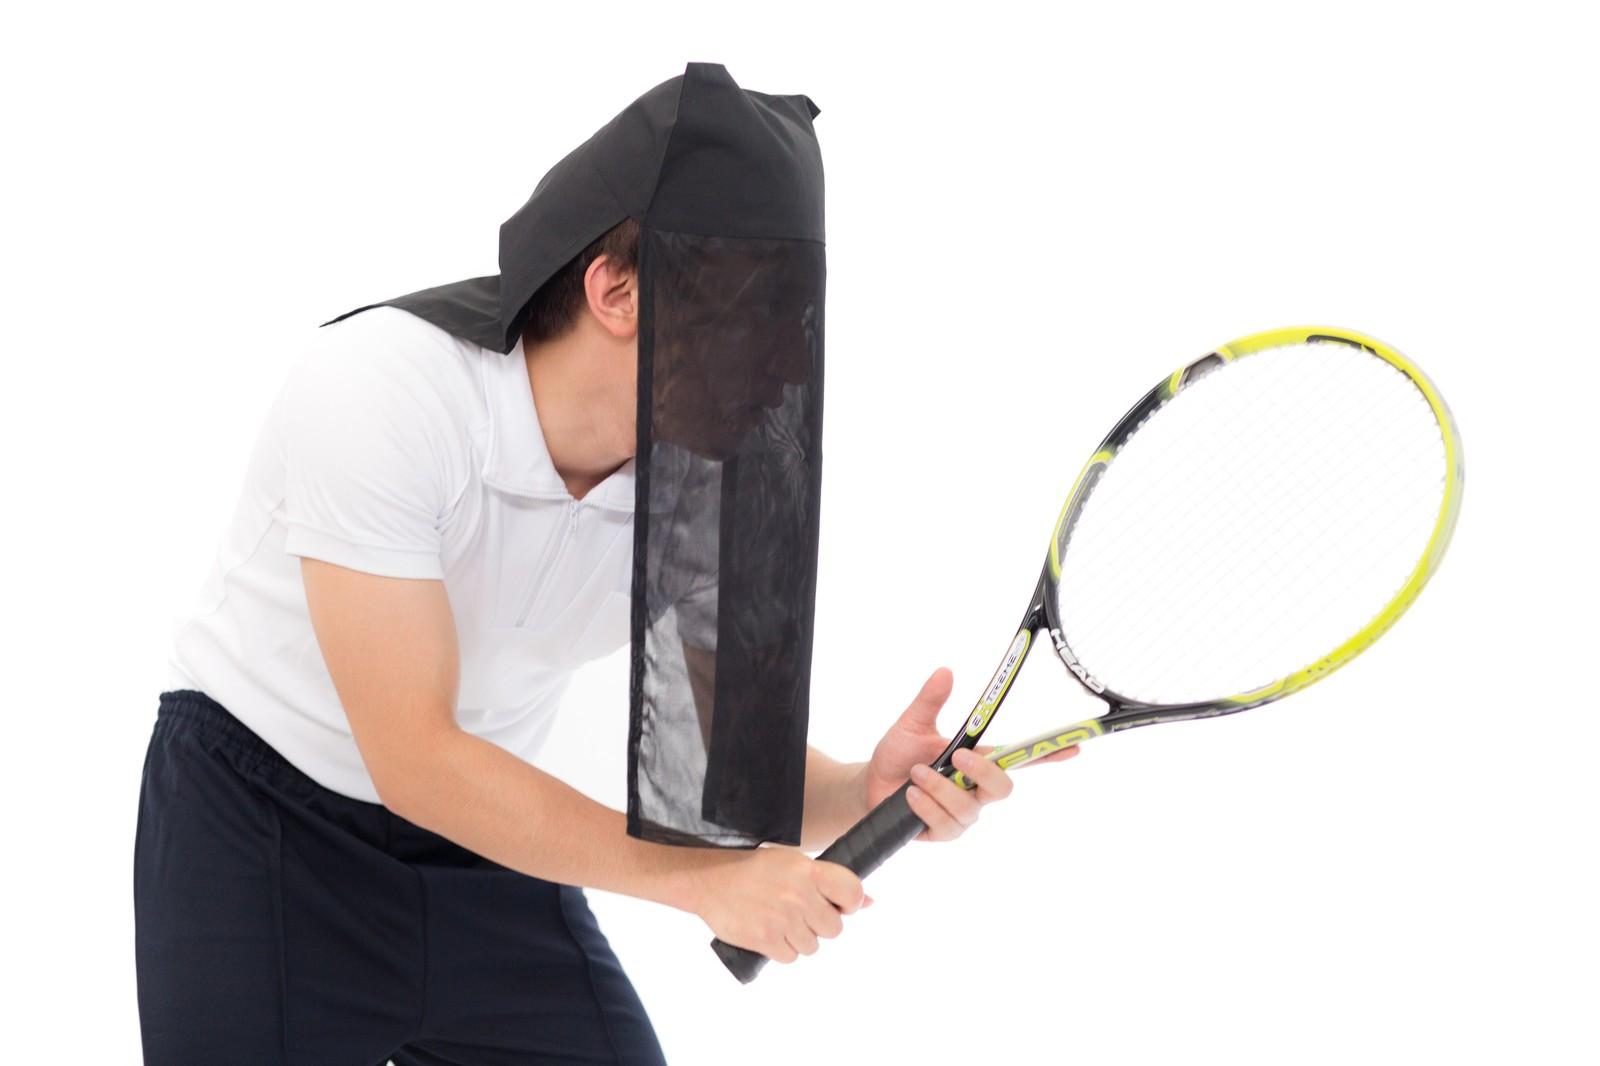 【テニスはメンタル】試合中にやってはいけない2つのこと